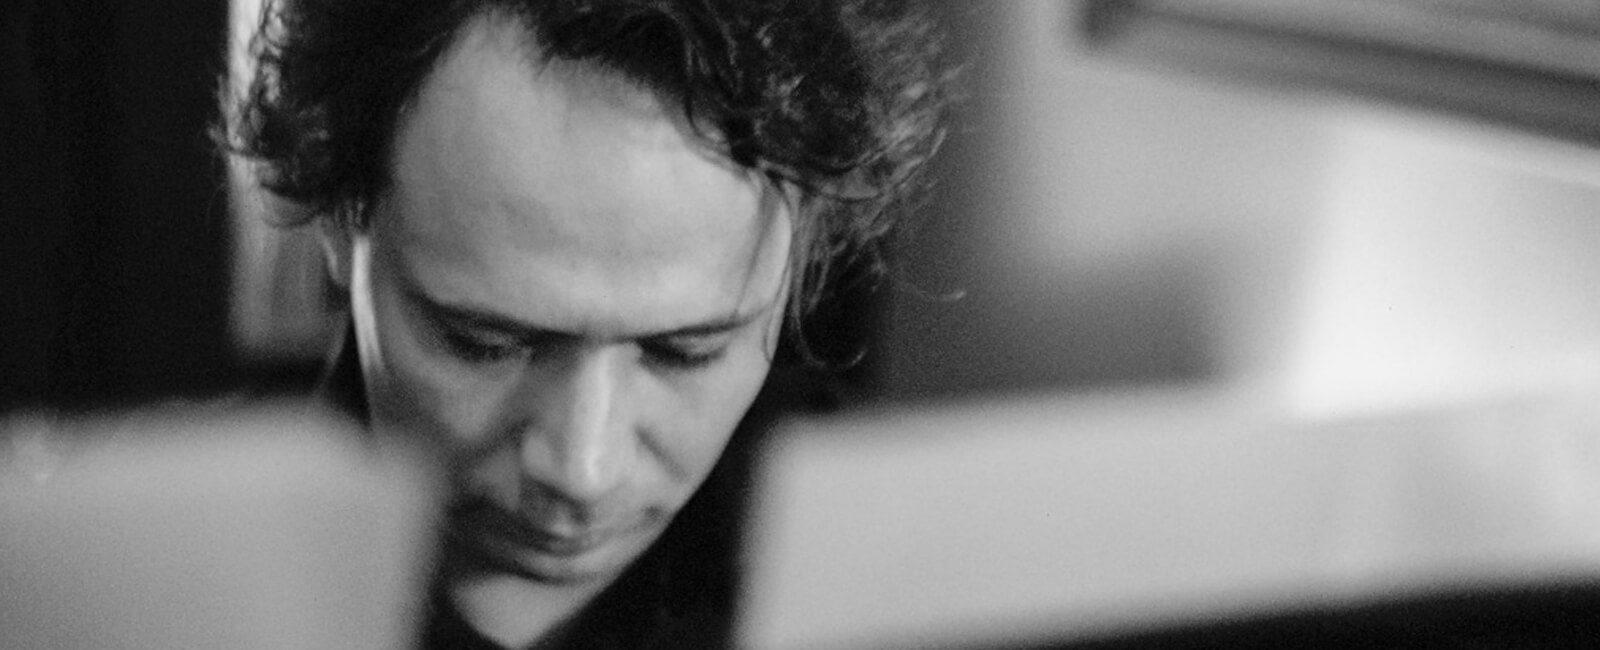 Pianist Evgeny Ukhanov - Introspection